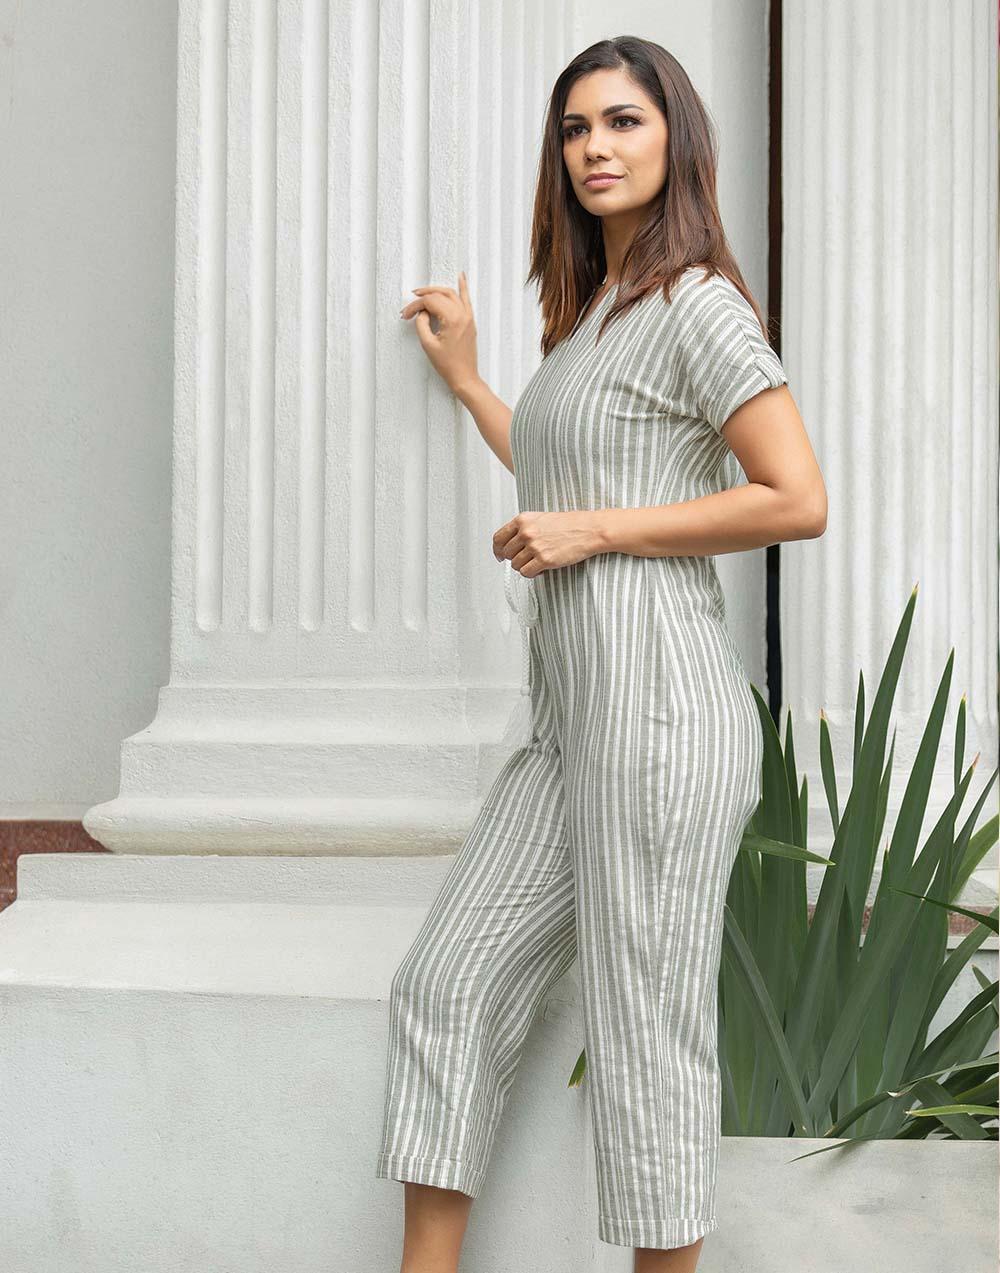 The Natural Blend Linen Jumpsuit